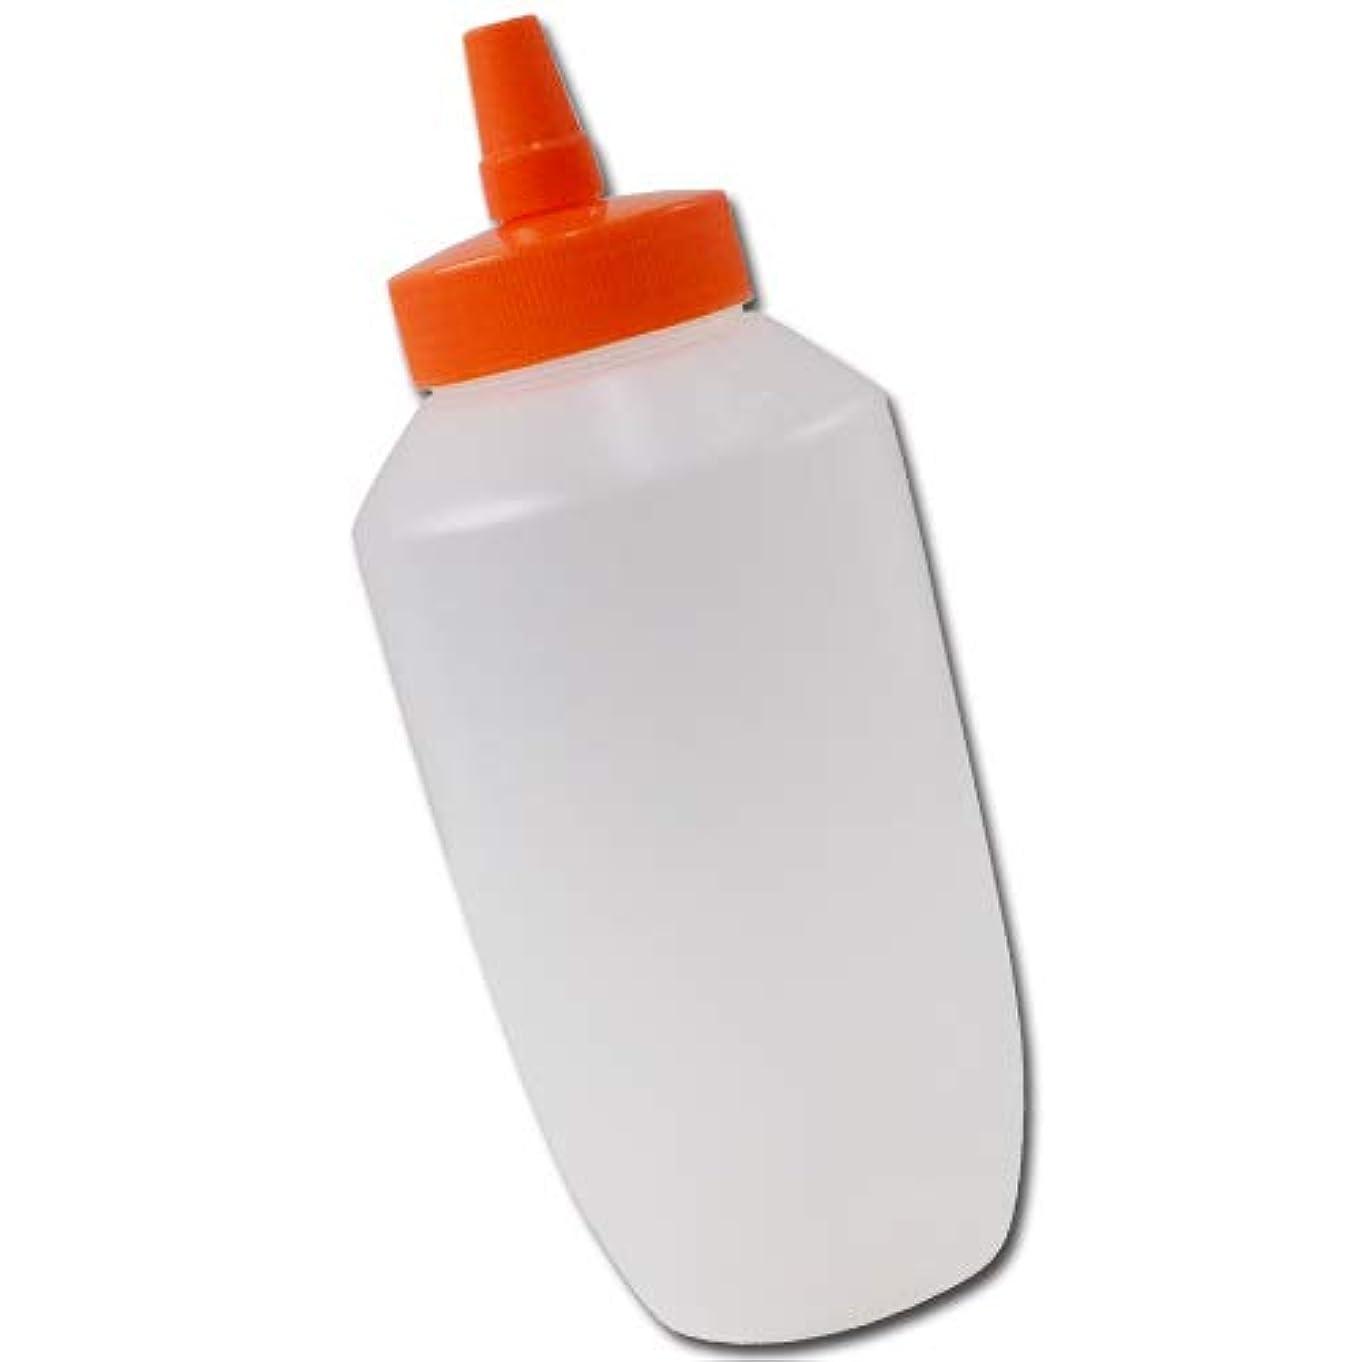 評決アジア人干渉はちみつ容器740mll(オレンジキャップ)│業務用ローションや調味料の小分けに詰め替え用ハチミツ容器(蜂蜜容器)はちみつボトルビッグな特大サイズ